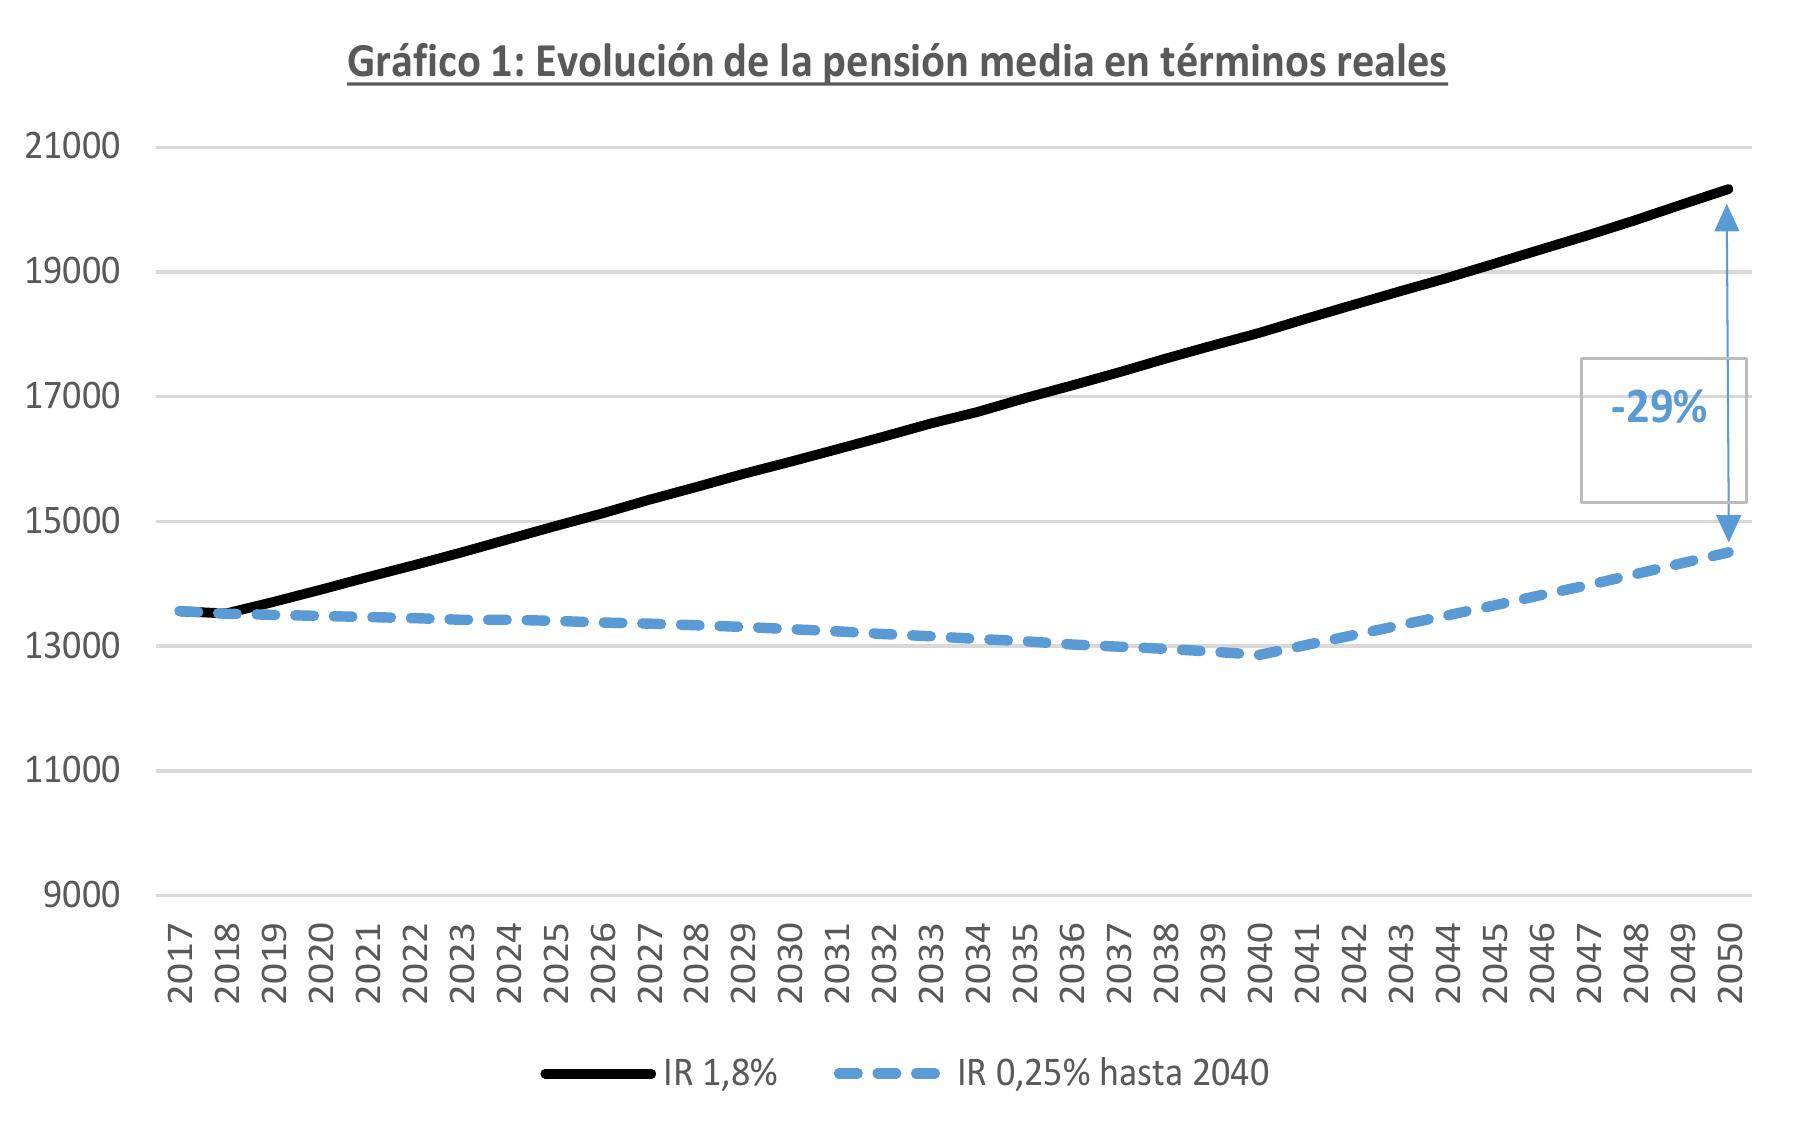 Fuente: elaboración propia a partir de los datos suministrados por la Dirección General de Ordenación de la Seguridad Social, suponiendo una tasa de crecimiento real del 1,9%.